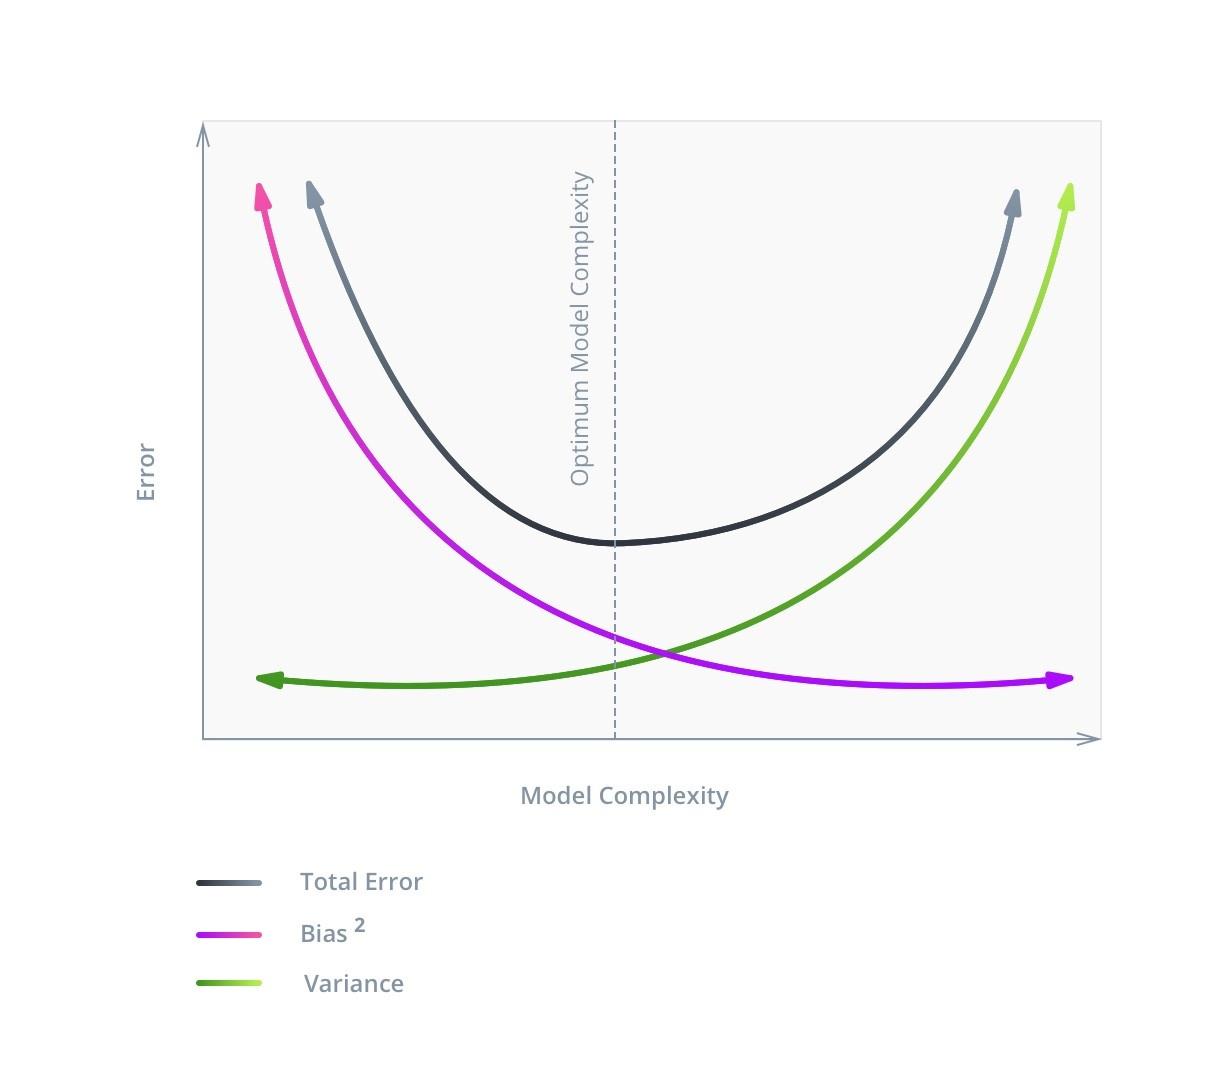 Машинное обучение для страховой компании: Улучшение модели через оптимизацию алгоритмов - 2